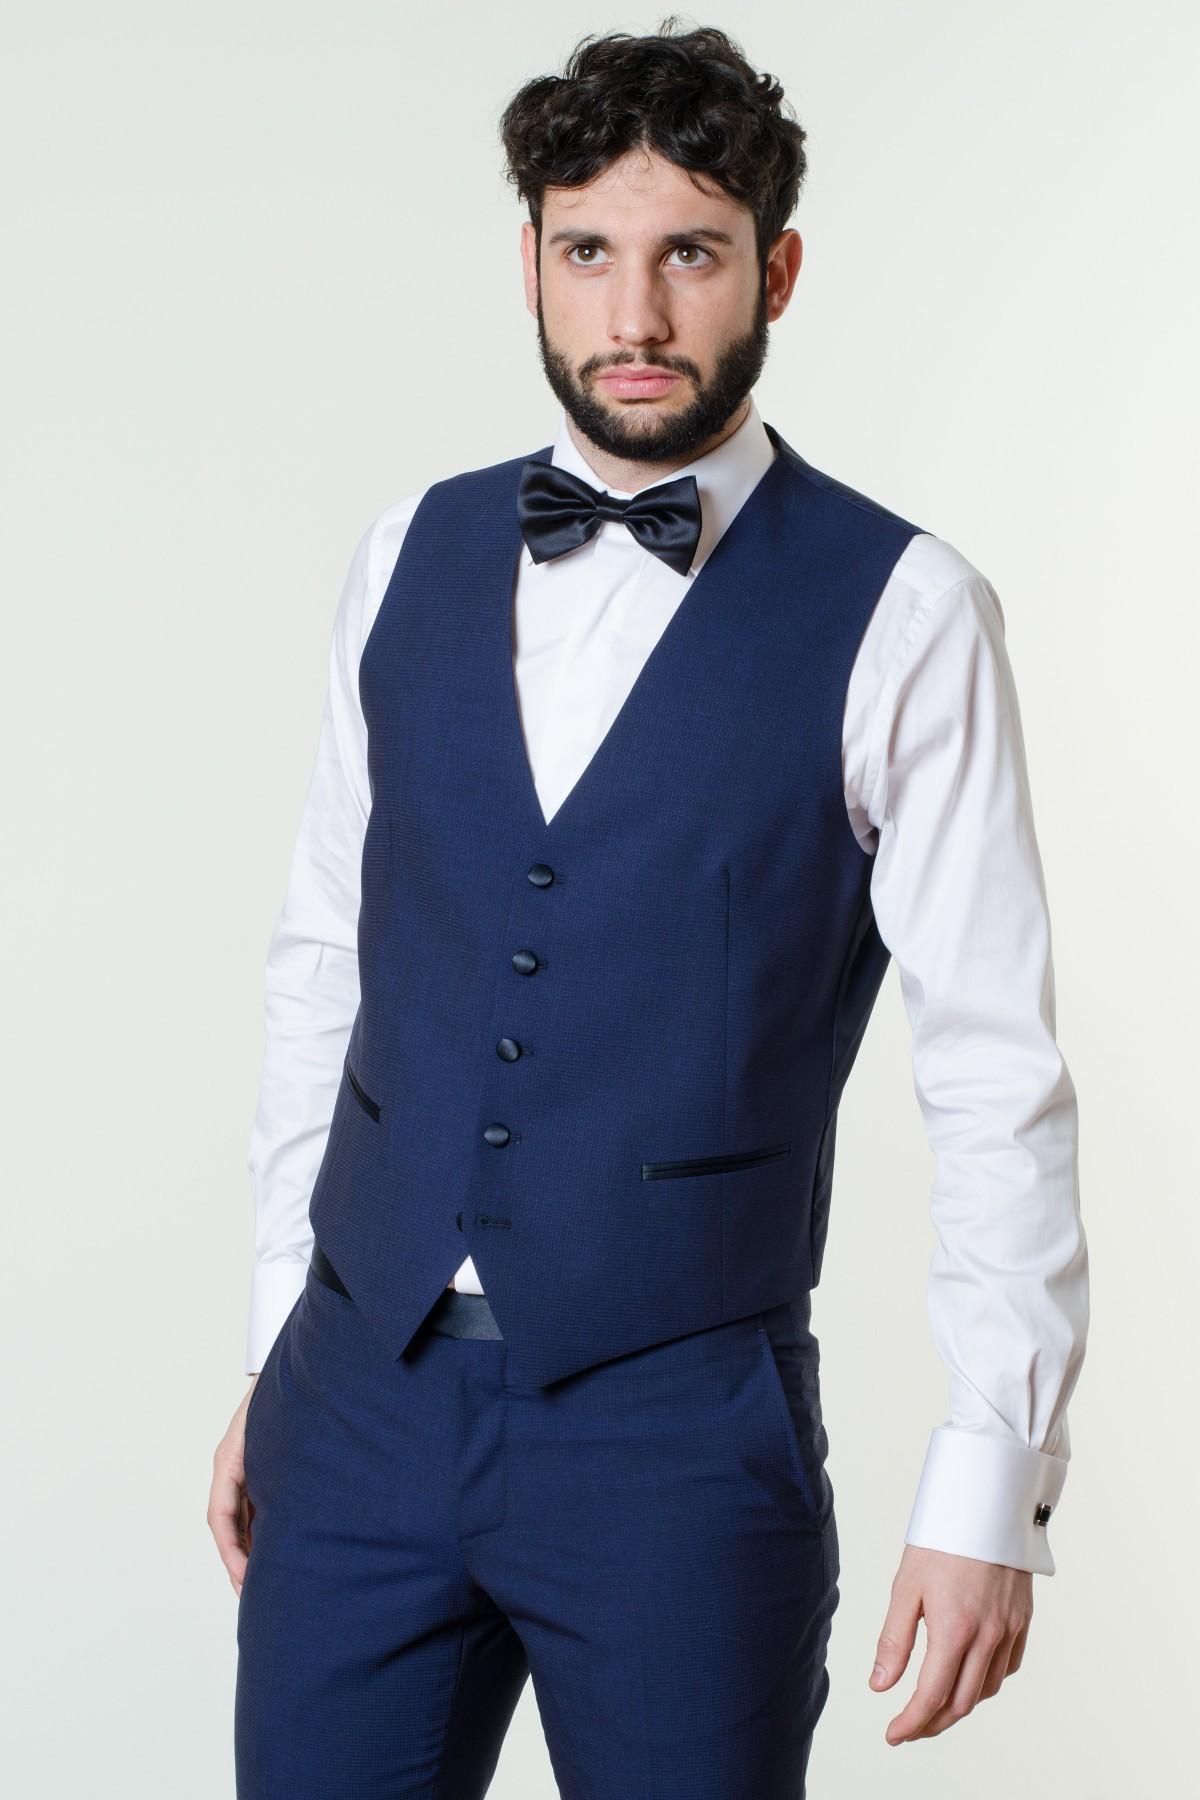 Ogni abito by BOSS è caratterizzato da materiali raffinati e un taglio impeccabile. L'attenzione per i dettagli e il taglio esperto assicurano una vestibilità perfetta e uno stile intramontabile. Acquisto rapido.